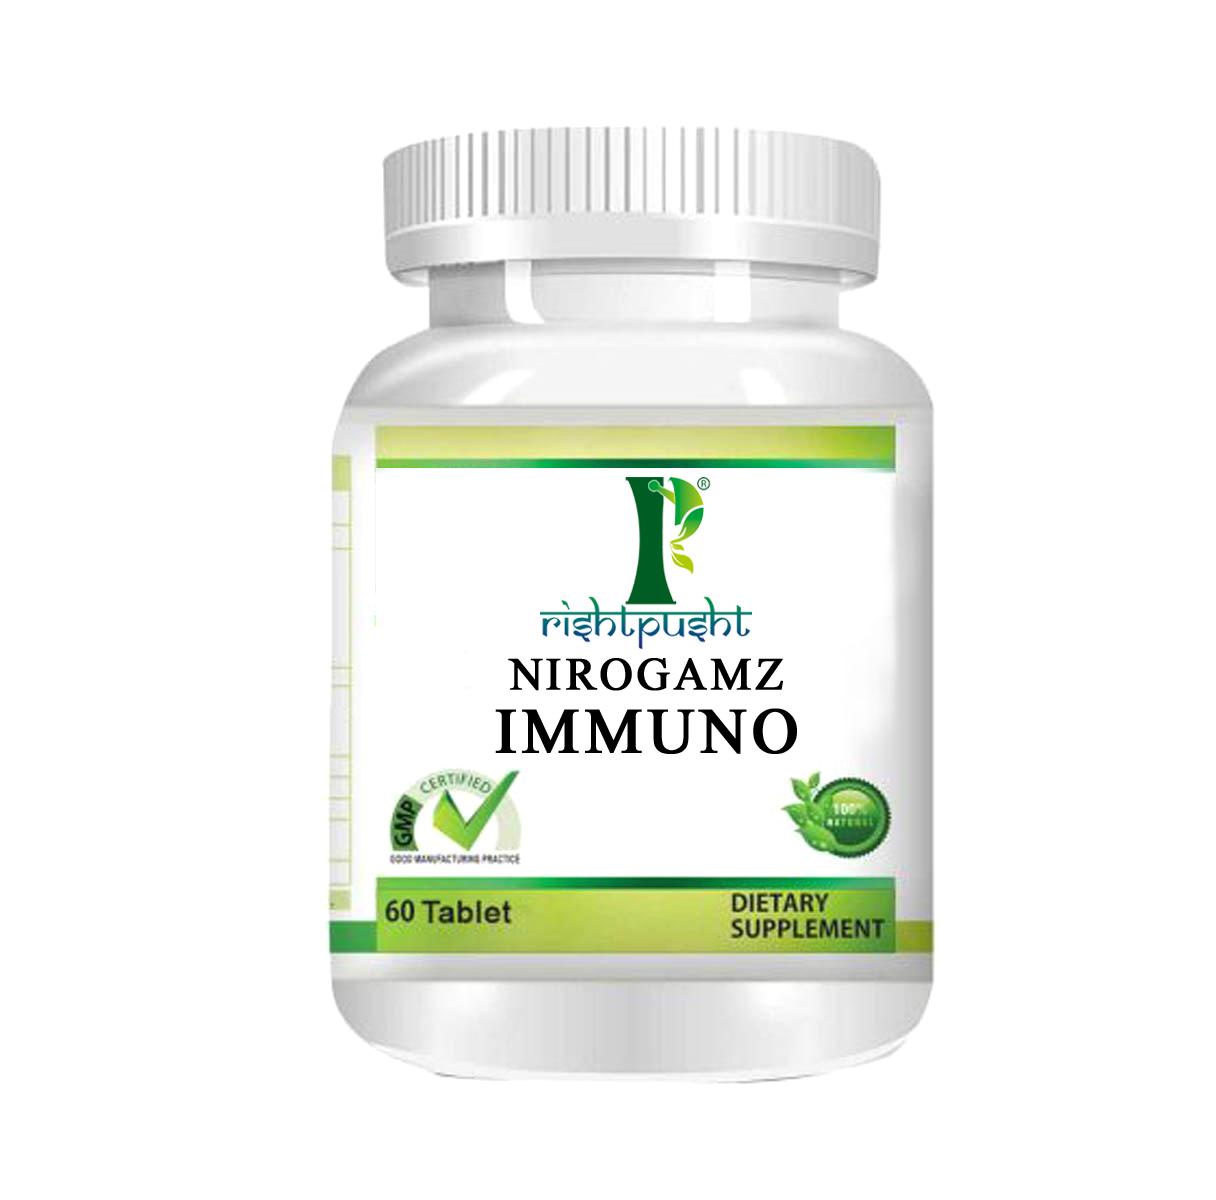 Nirogamz Immuno